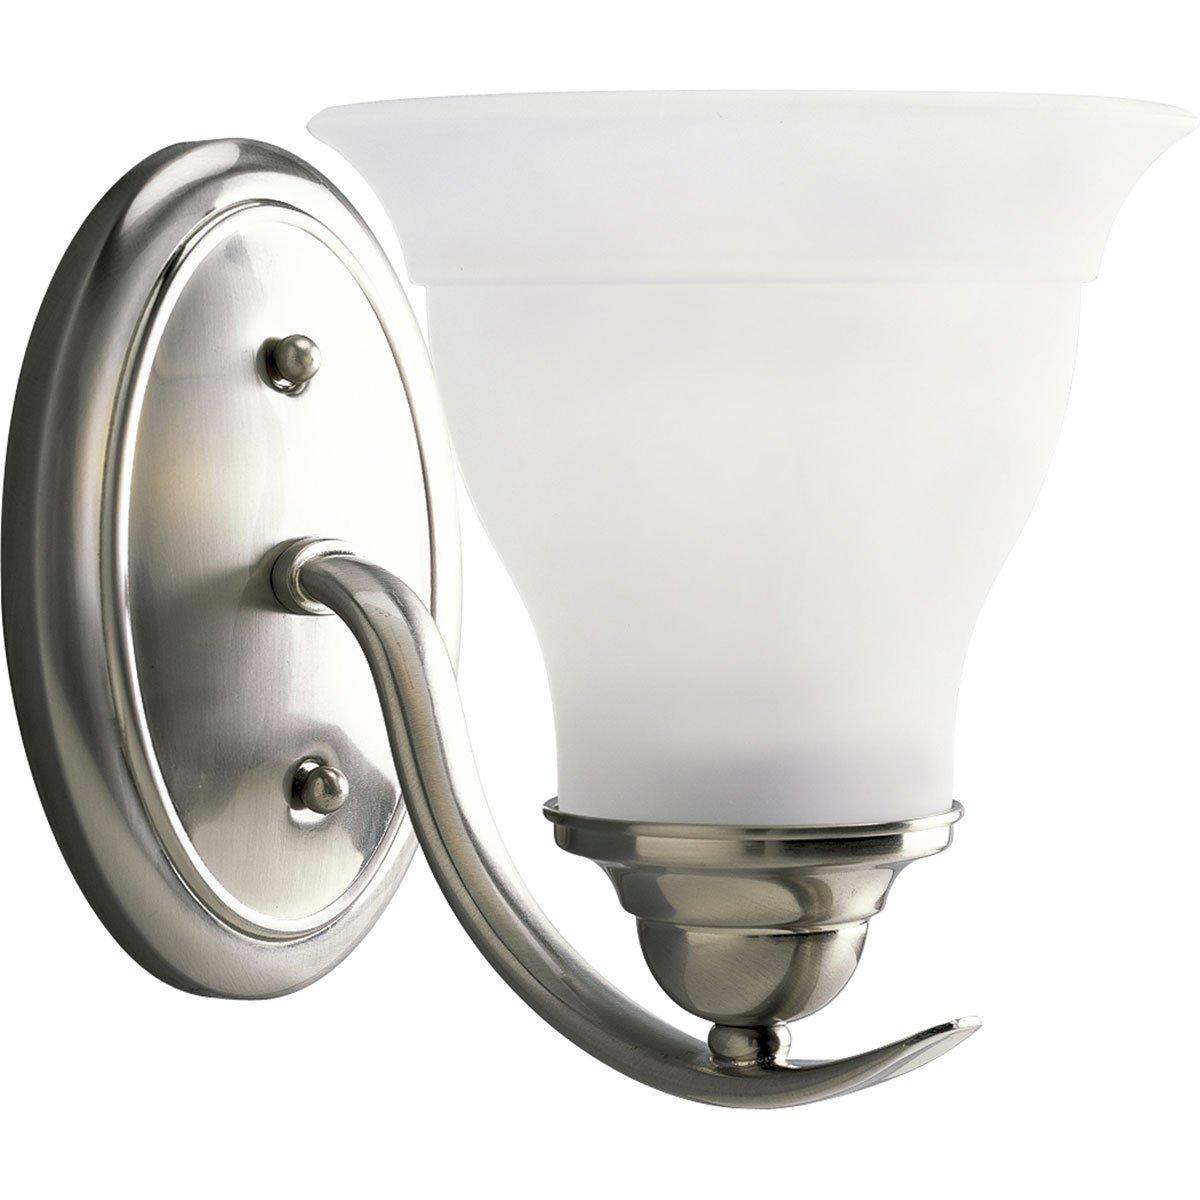 Progress Lighting P3190 09 1 Light Bath Bracket, Brushed Nickel   Vanity  Lighting Fixtures   Amazon.com